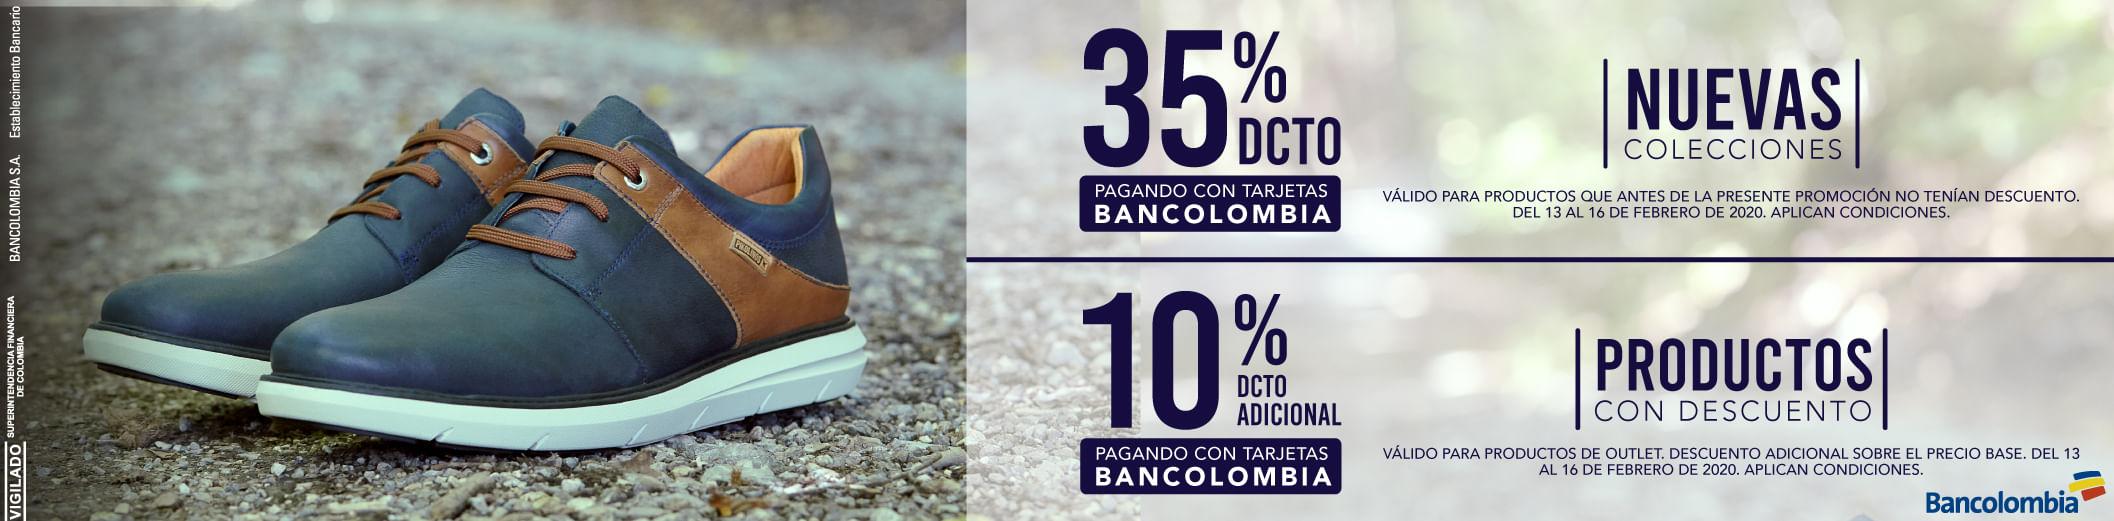 Descuentos Extra Pagando Con Bancolombia